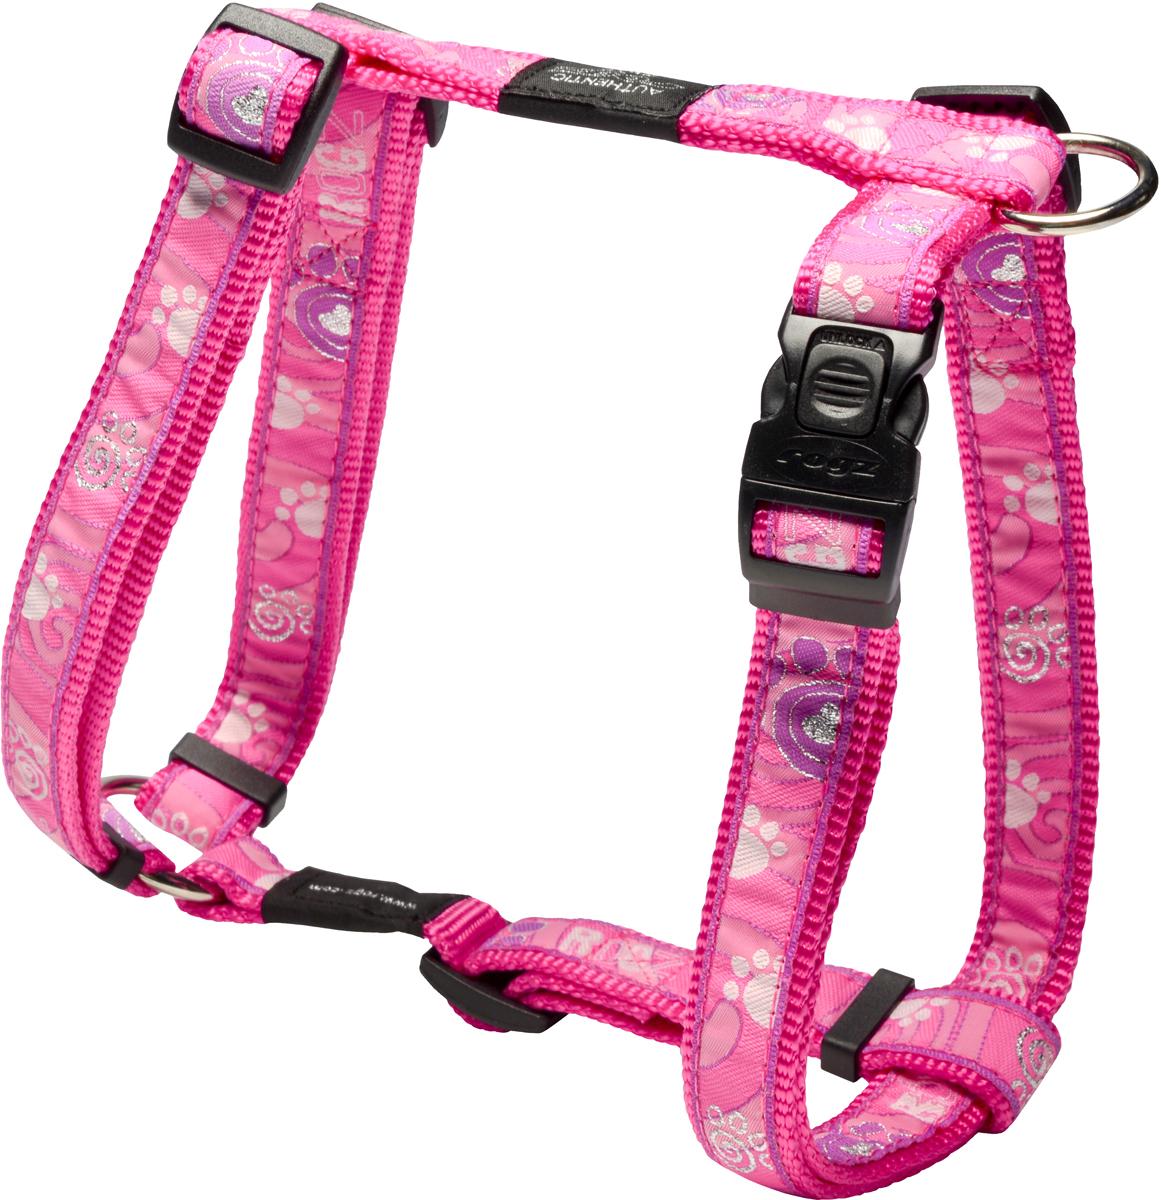 Шлейка для собак Rogz Fancy Dress, цвет: розовый, ширина 2 см0120710Шлейка для собак Rogz Fancy Dress имеет необычный дизайн. Широкая гамма потрясающе красивых орнаментов на прочной тесьме поверх нейлоновой ленты украсит вашего питомца.Застегивается, не доставляя неудобство собаке.Специальная конструкция пряжки Rog Loc - очень крепкая(система Fort Knox). Замок может быть расстегнут только рукой человека.С помощью системы ремней изделие подгоняется под животного индивидуально.Необыкновенно крепкая и прочная шлейка.Выполненные по заказу литые кольца выдерживают значительные физические нагрузки и имеют хромирование, нанесенное гальваническим способом, что позволяет избежать коррозии и потускнения изделия.Легко можно прикрепить к ошейнику и поводку.